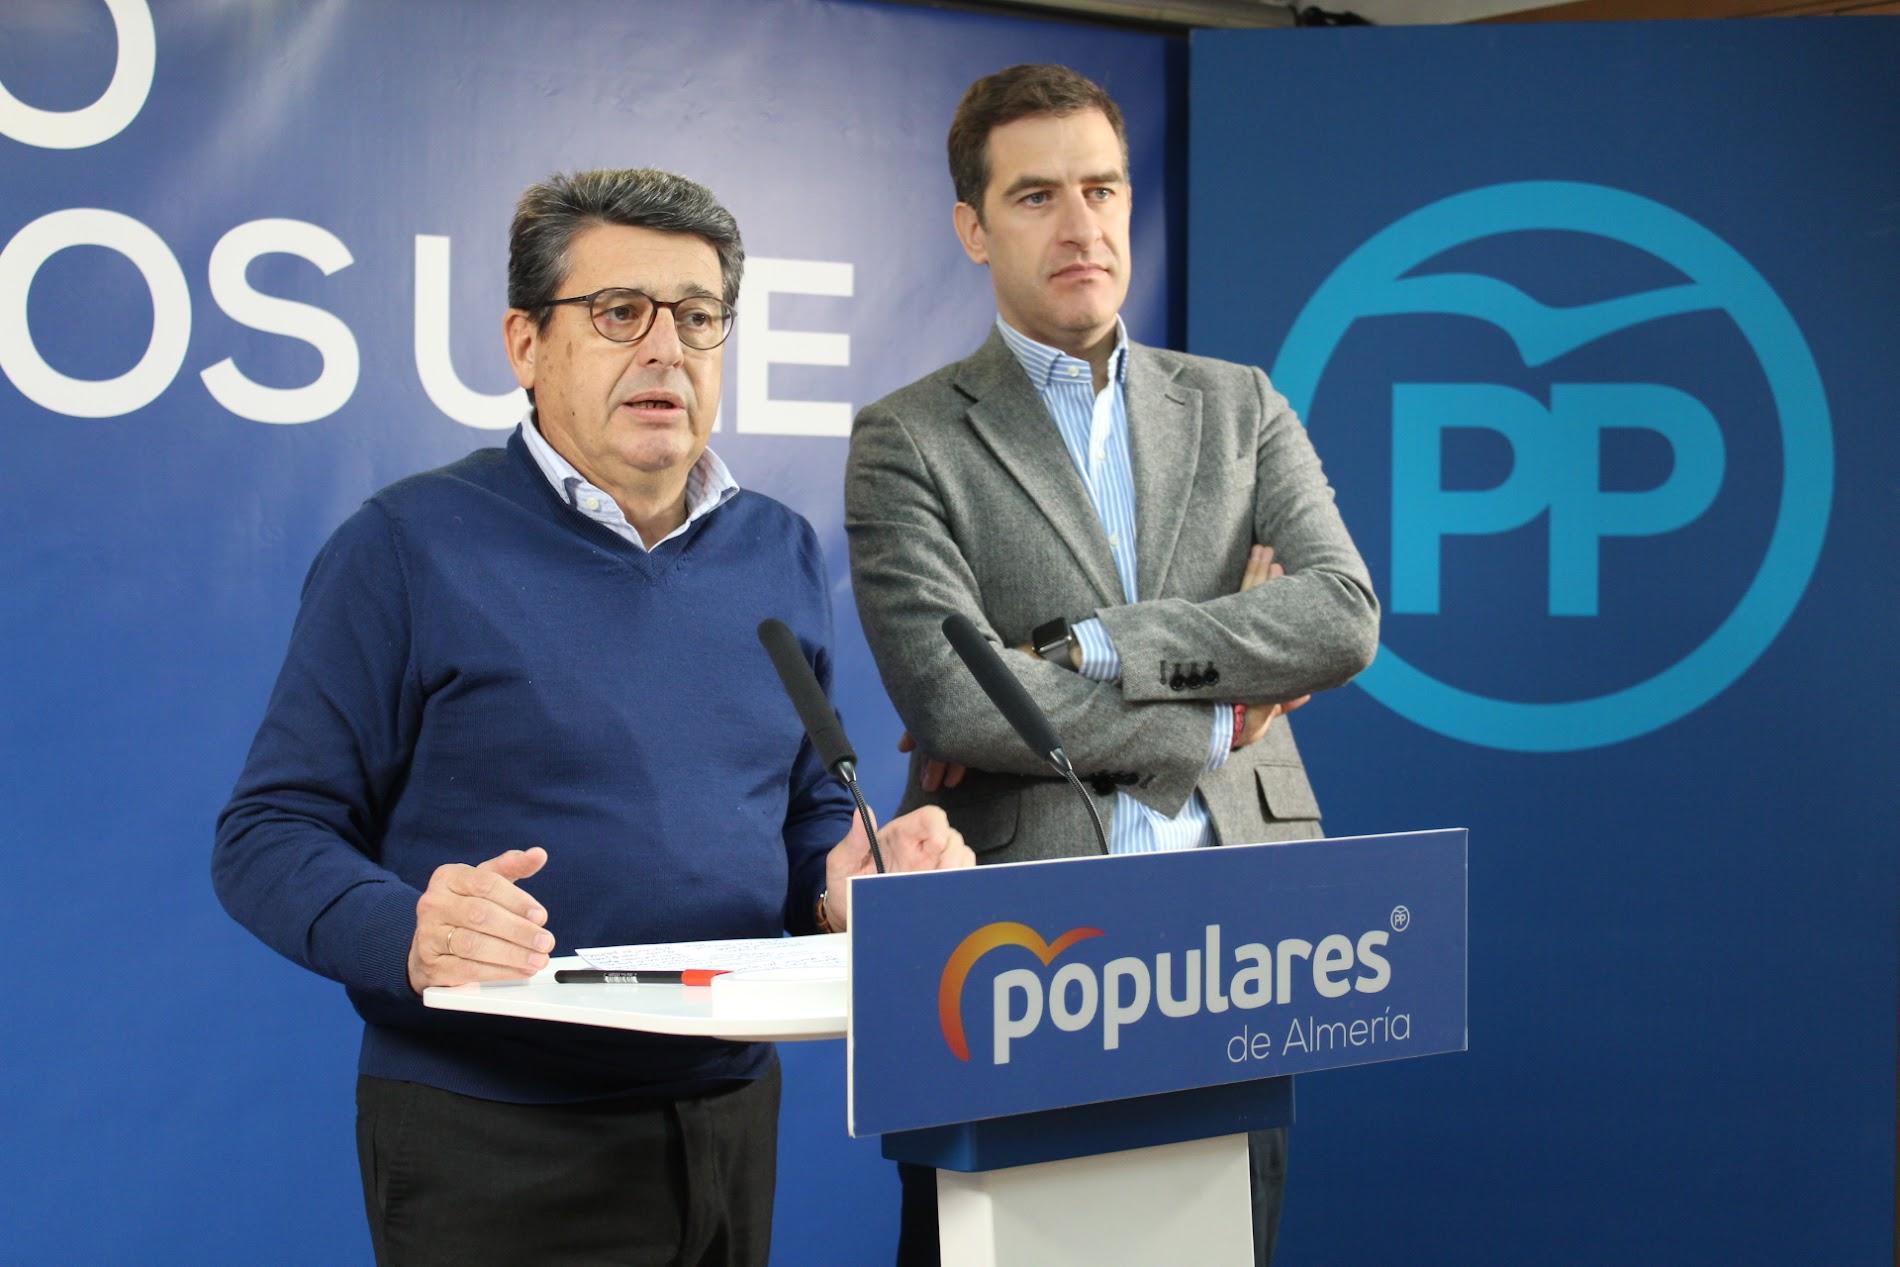 """El PP ante Teruel Existe: """"Nosotros defenderemos a Almería"""" - La Voz de Almería"""